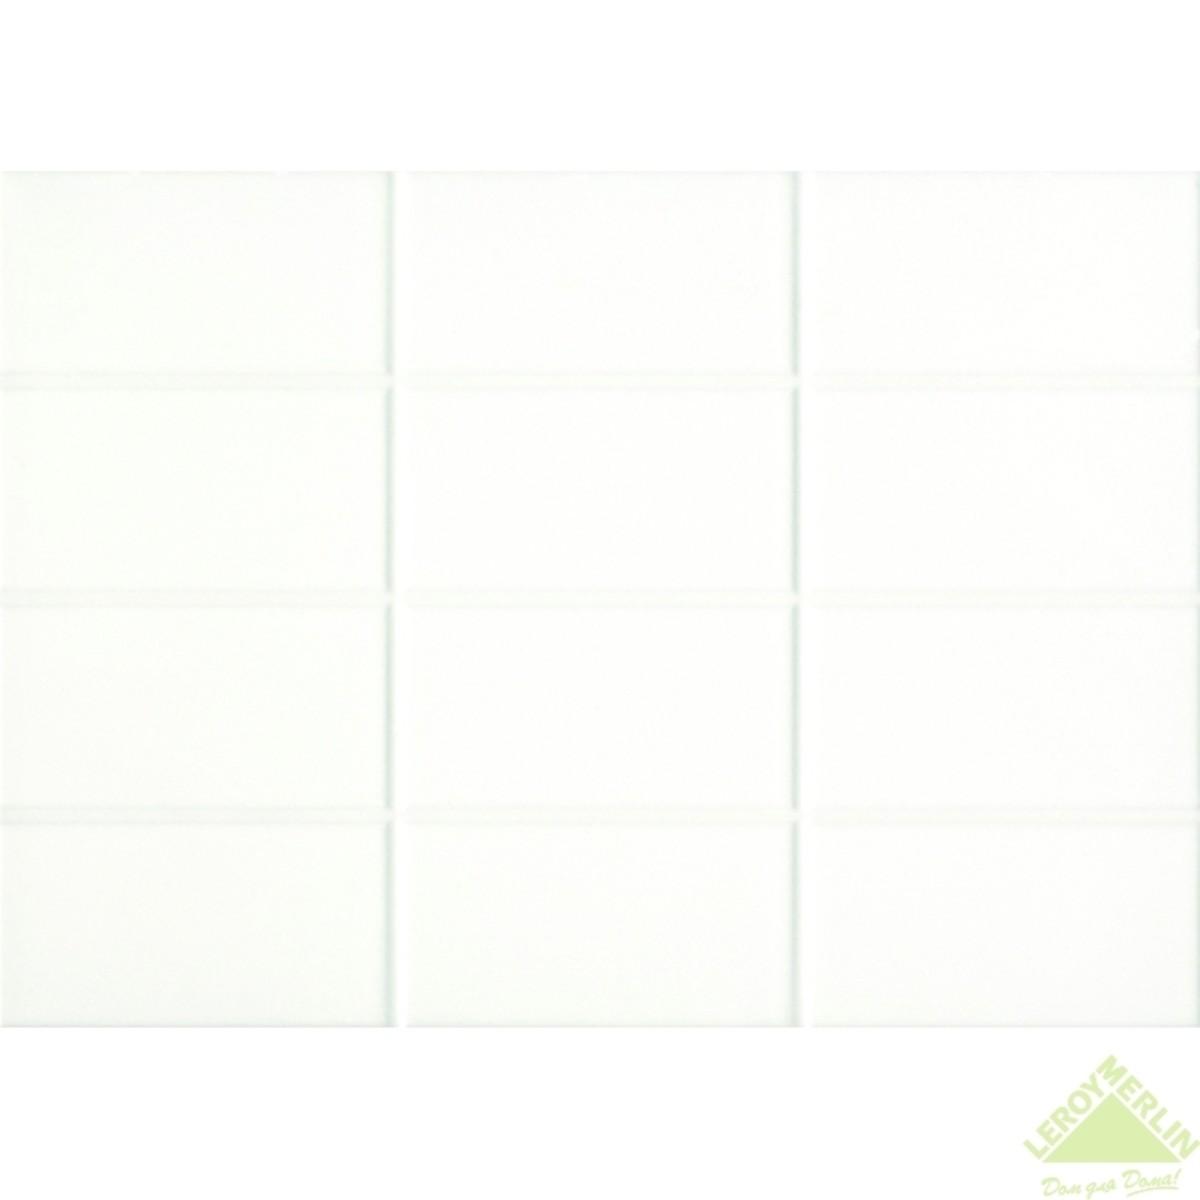 Плитка настенная Mono цвет белый 25x35 см 14 м2